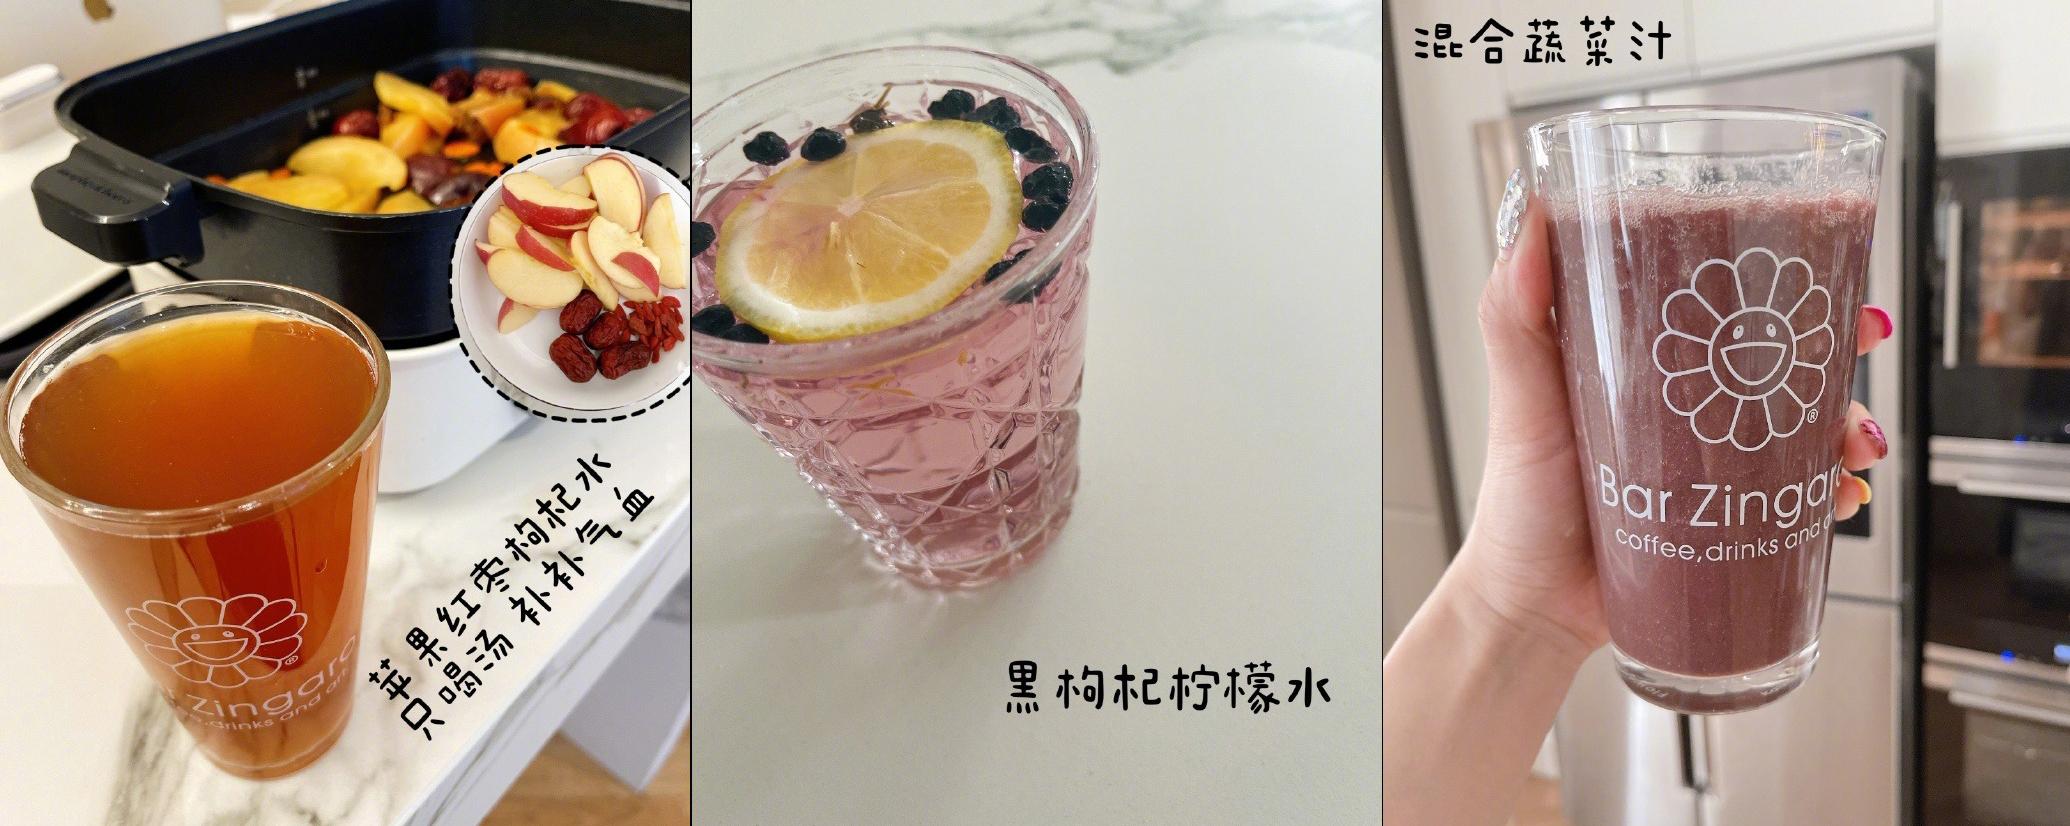 Ngoài nước lọc, Weitong vẫn uống cà phê, các loại nước detox từ trái cây, nước uống chức năng...